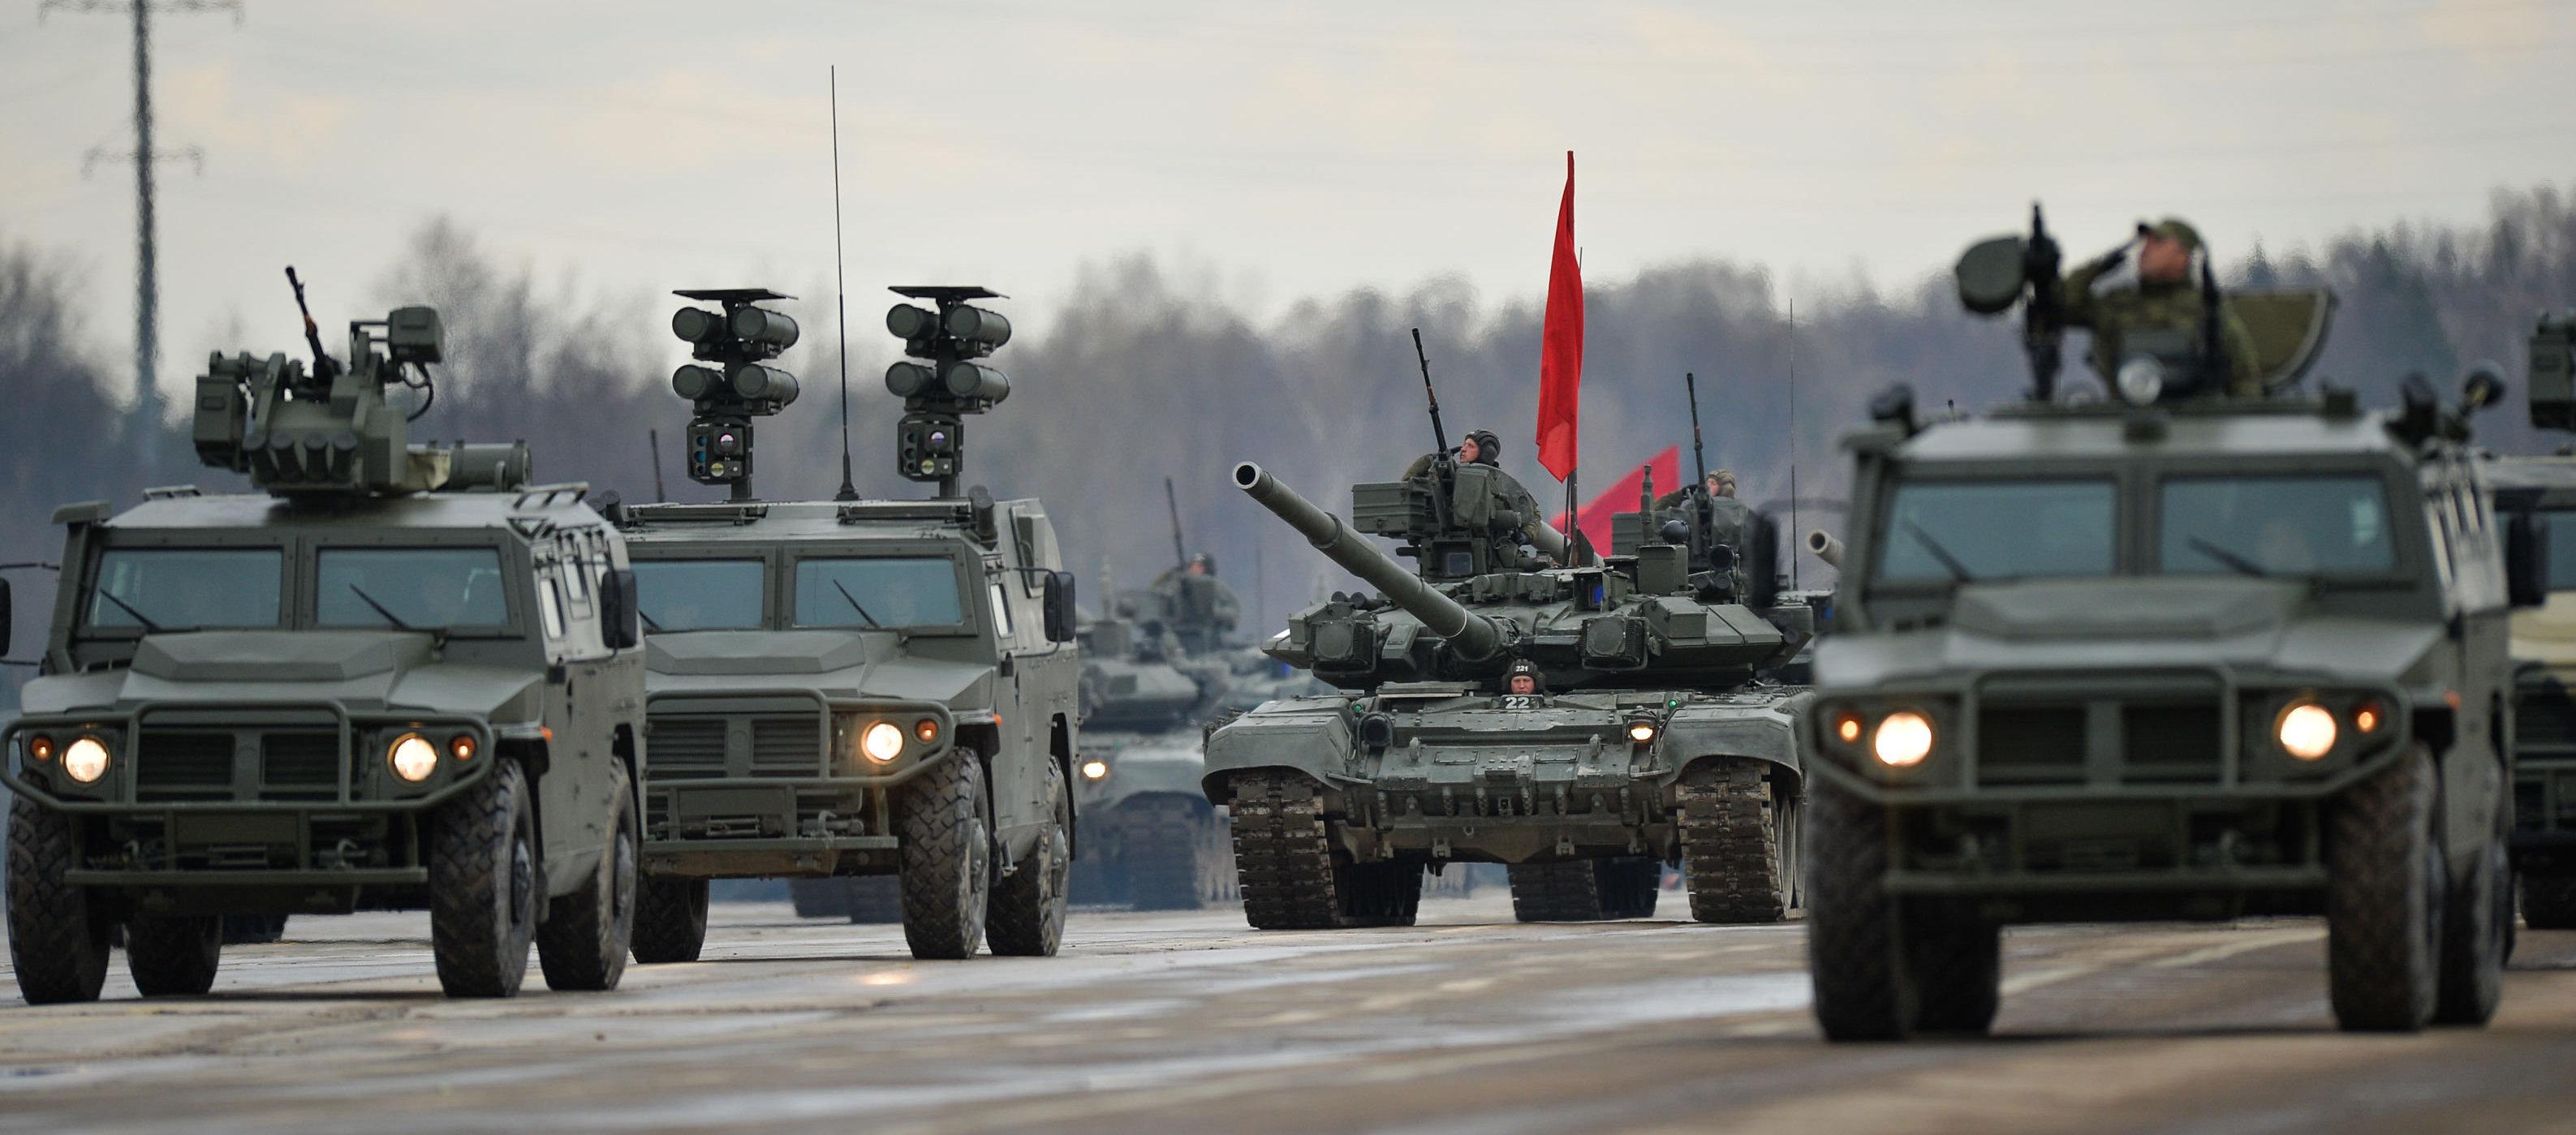 Los vehículos blindados rusos se entrenan para el Desfile de la Victoria del 9 de Mayo. Los Tigres de varias modificaciones acompañan una columna de tanques.